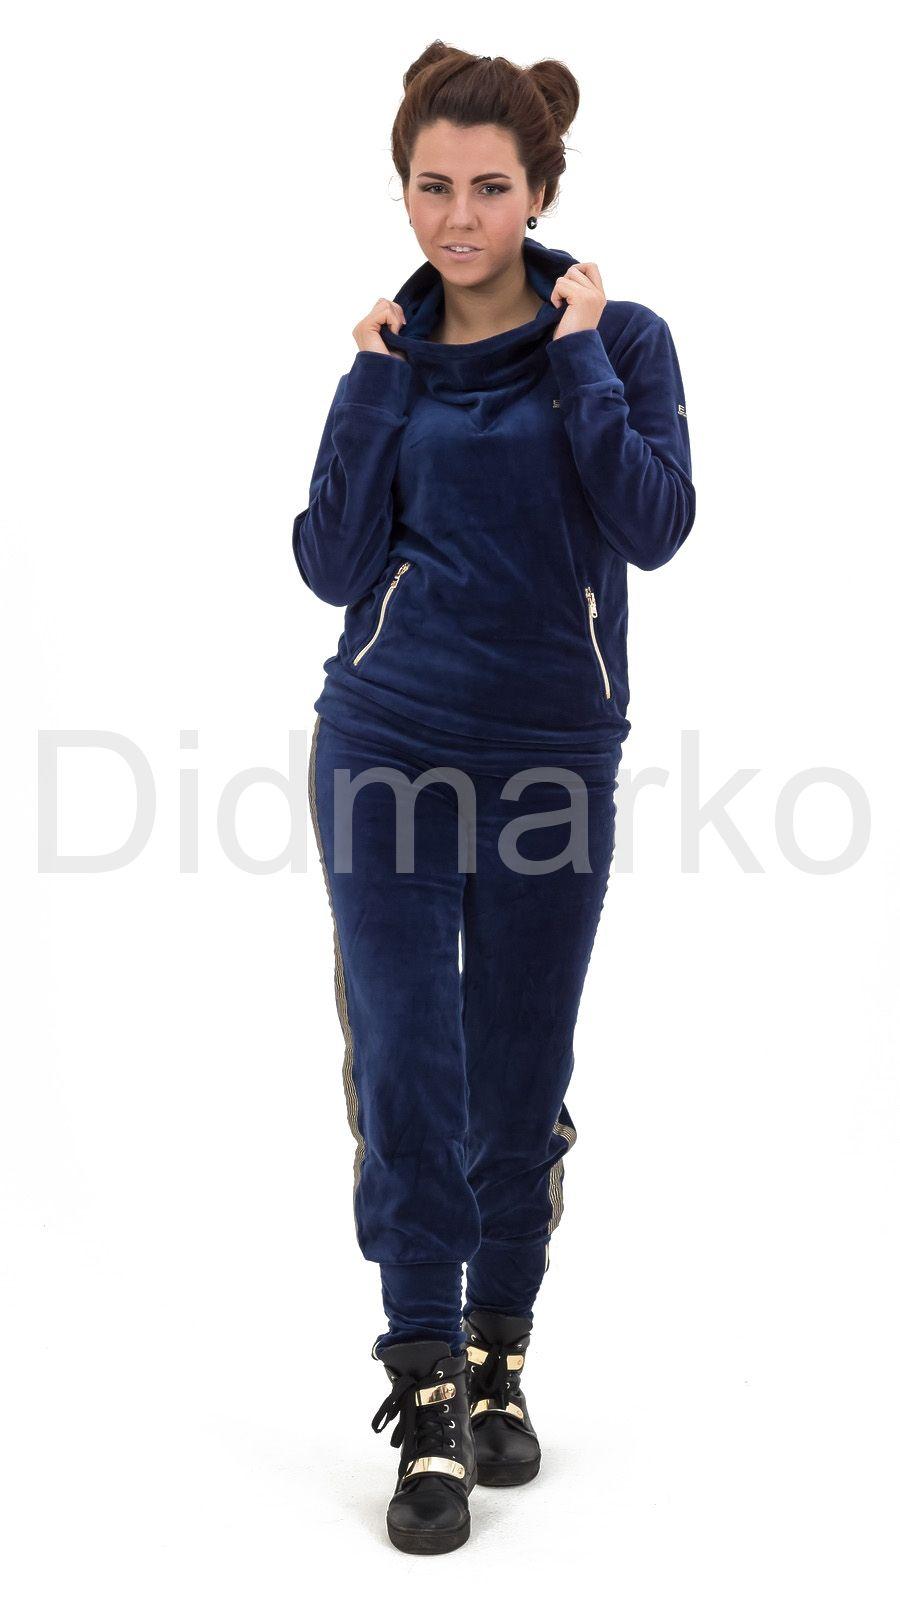 92cc29b2cb06 Велюровый спортивный костюм темно-синего цвета с капюшоном купить по ...